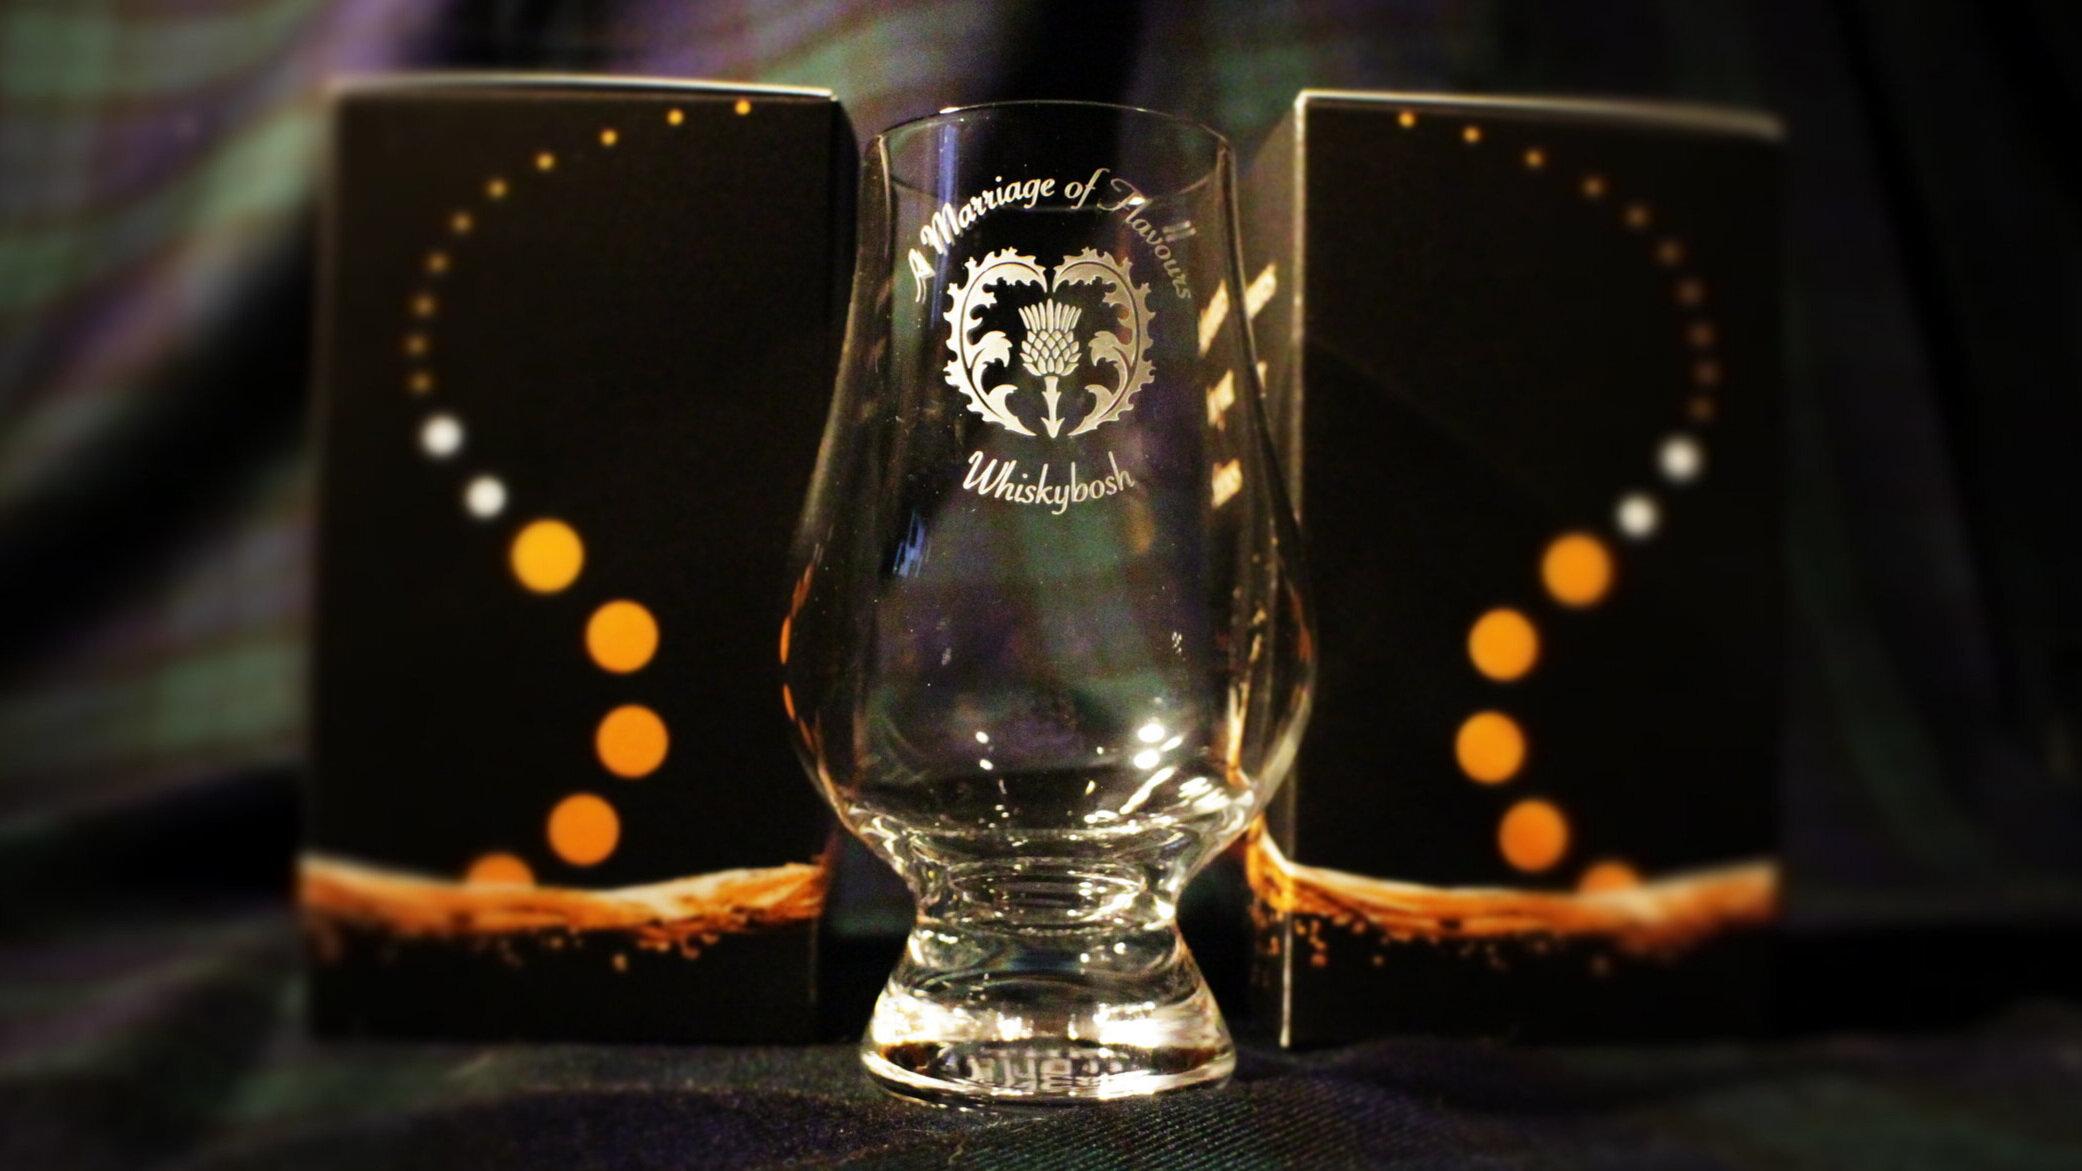 Engraved whisky glasses.